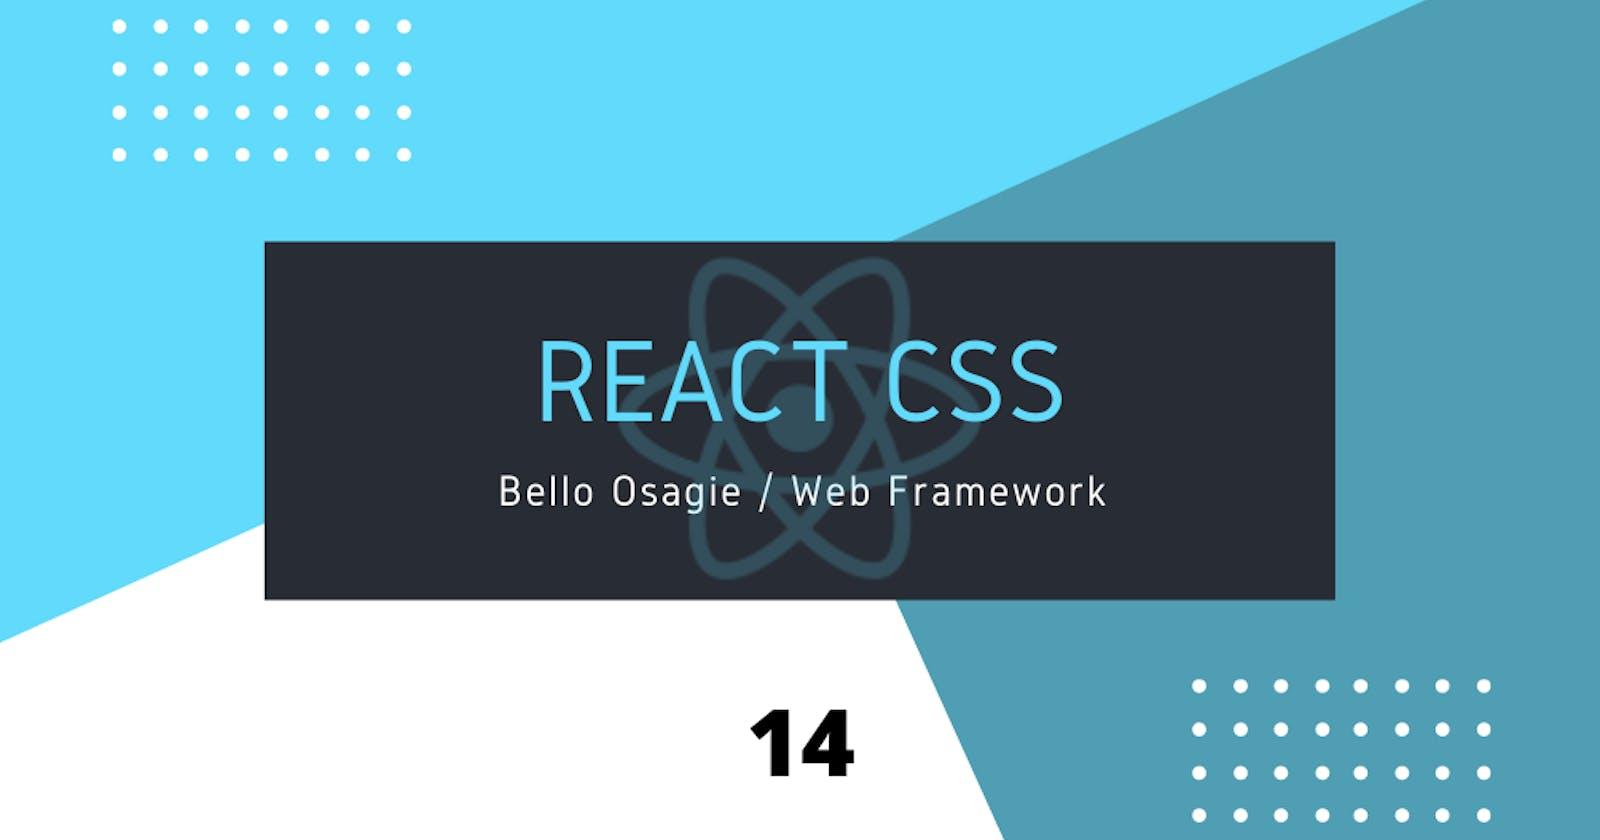 React CSS